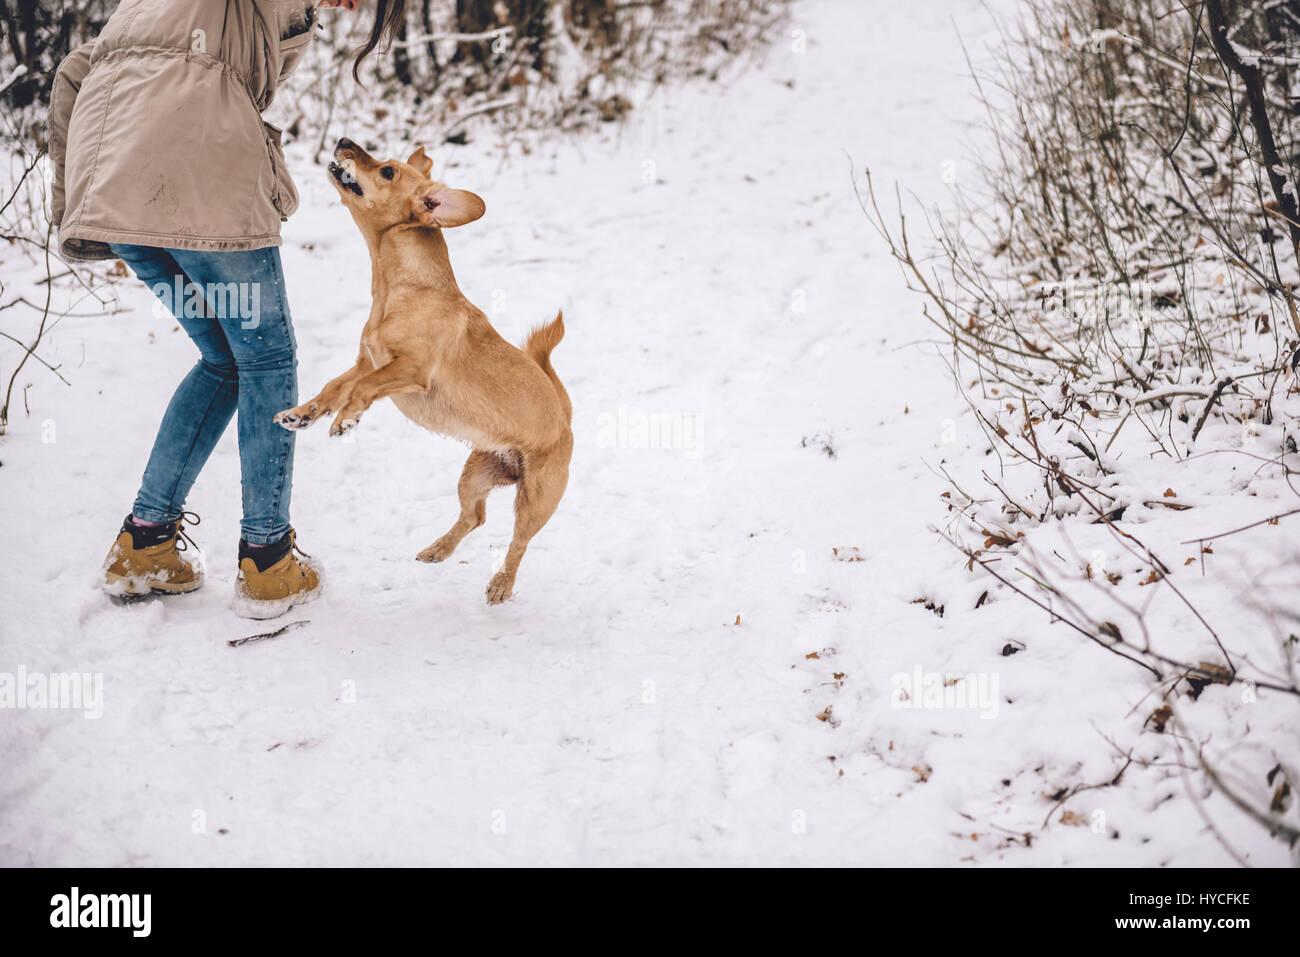 Ragazza escursionismo in bianco inverno foresta con cane Immagini Stock